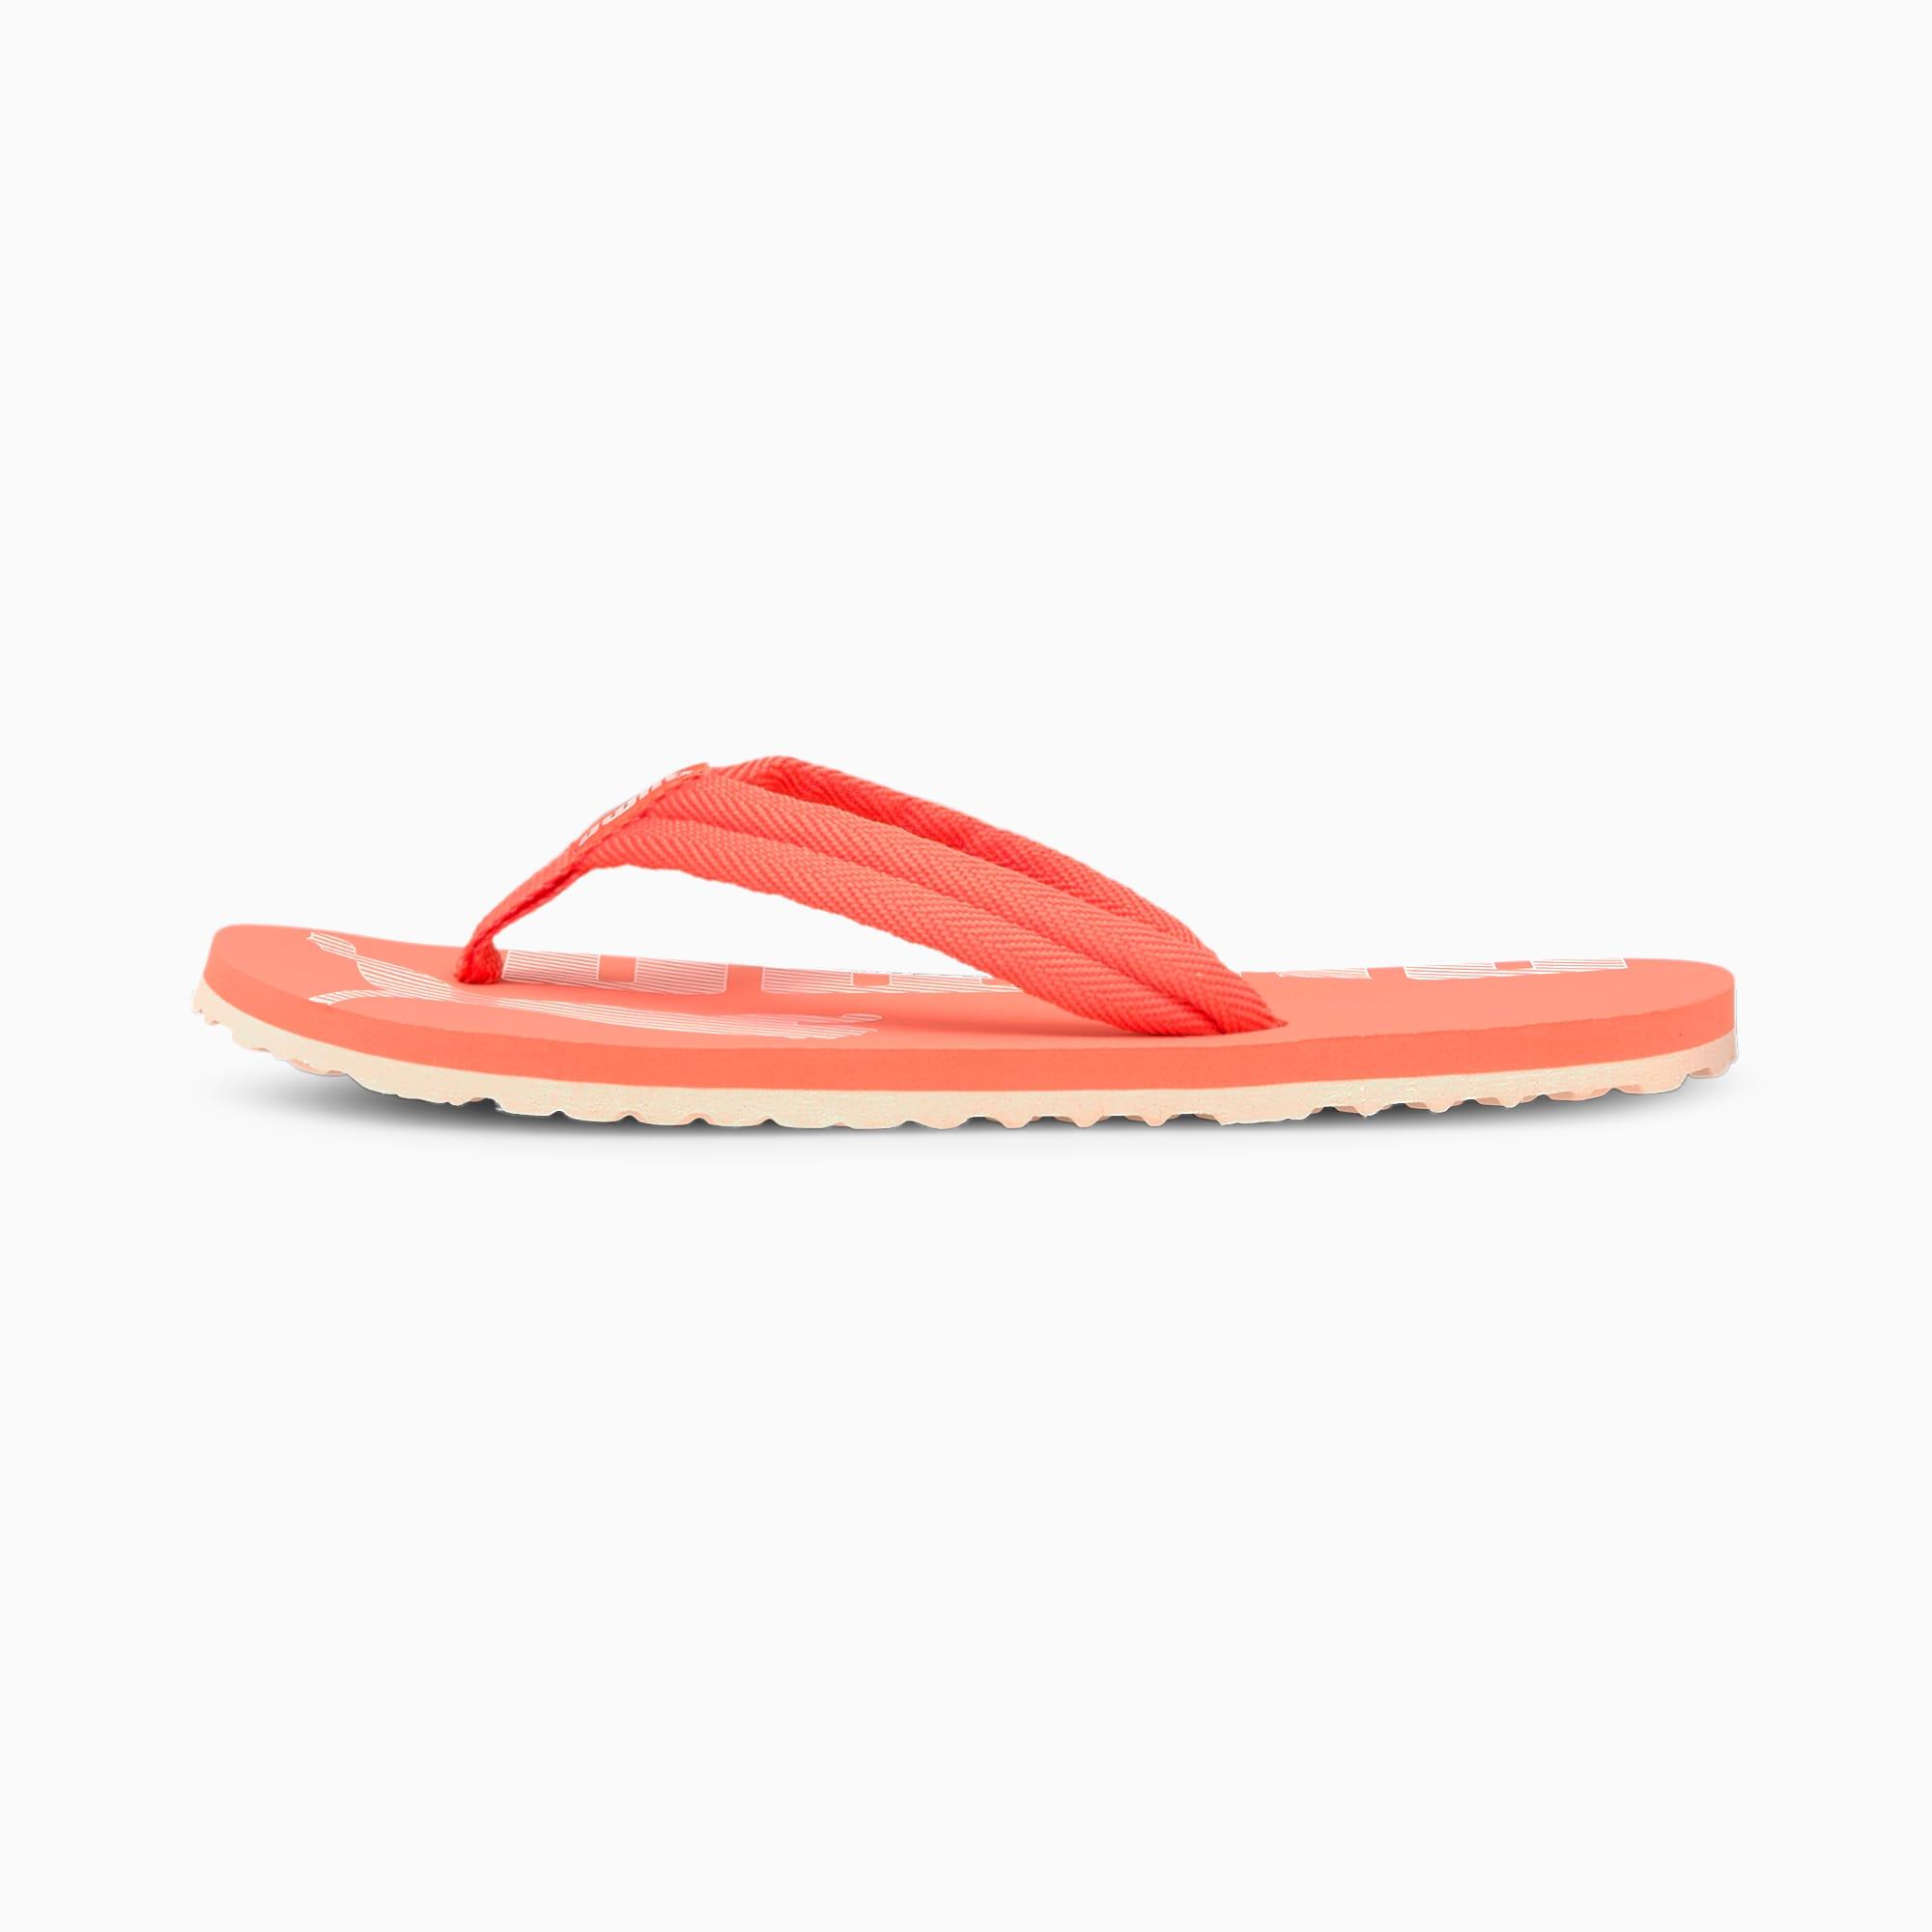 Epic Flip v2 sandalen, Roze, Maat 43   PUMA